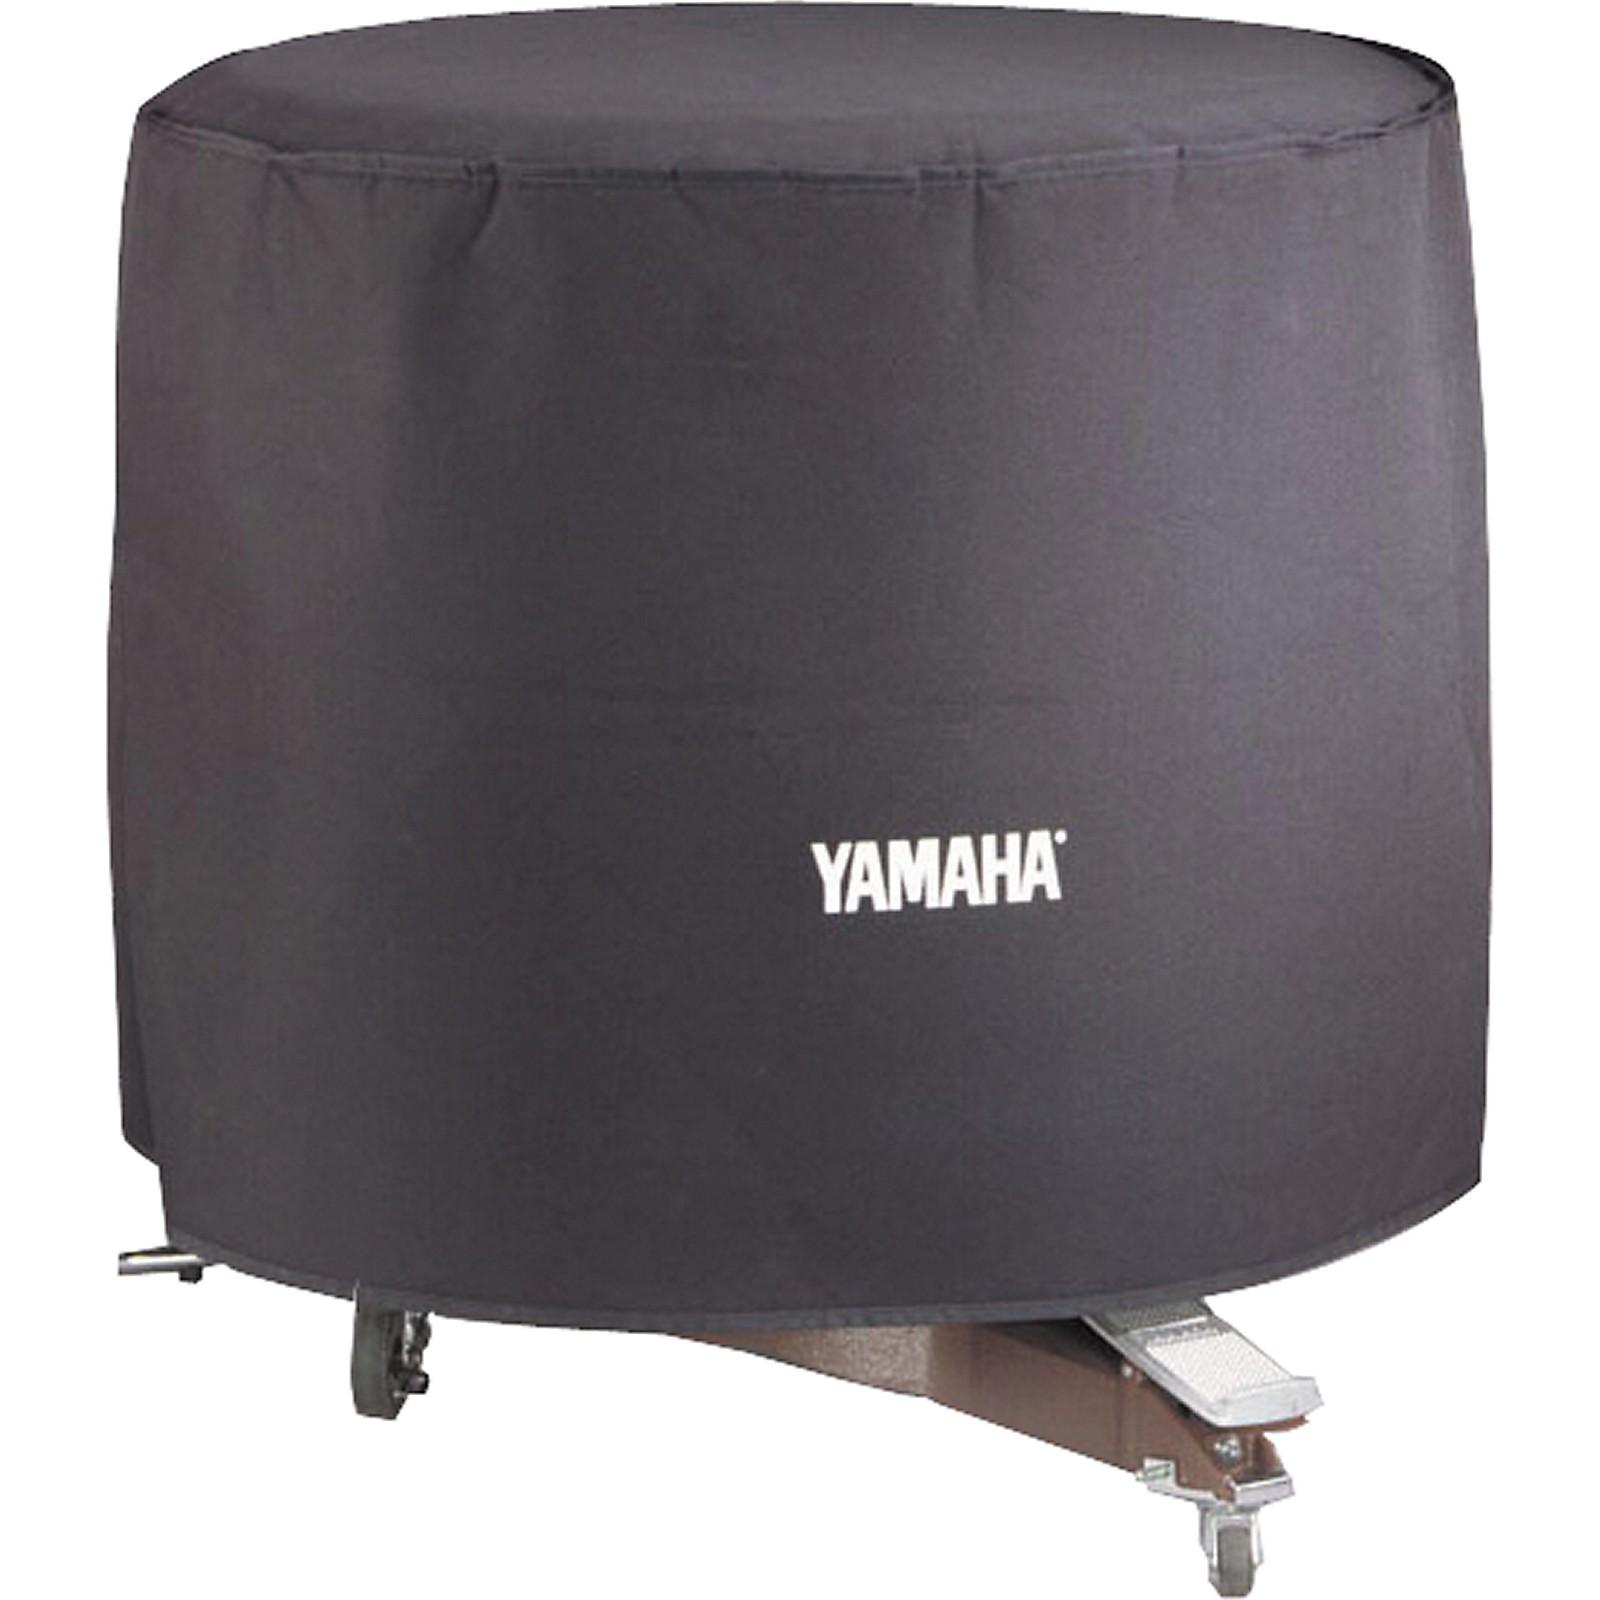 Yamaha Timpani Drop Cover